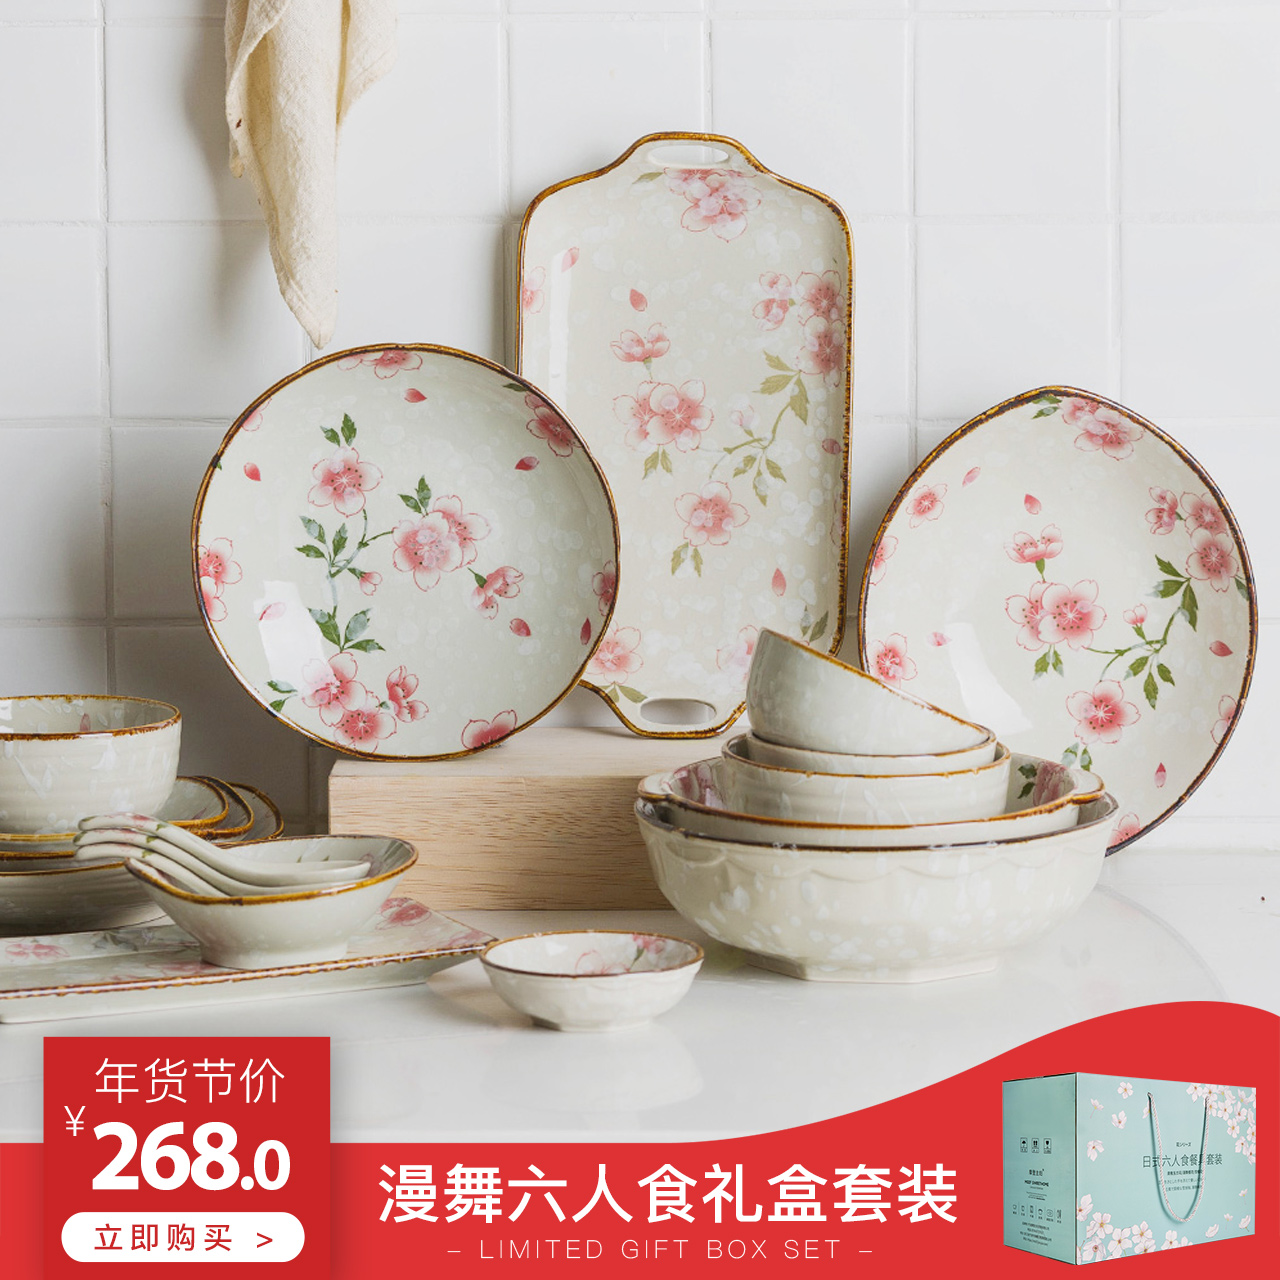 摩登主妇 年货节礼盒 雪樱日式陶瓷餐具碗碟套装家用创意菜盘子